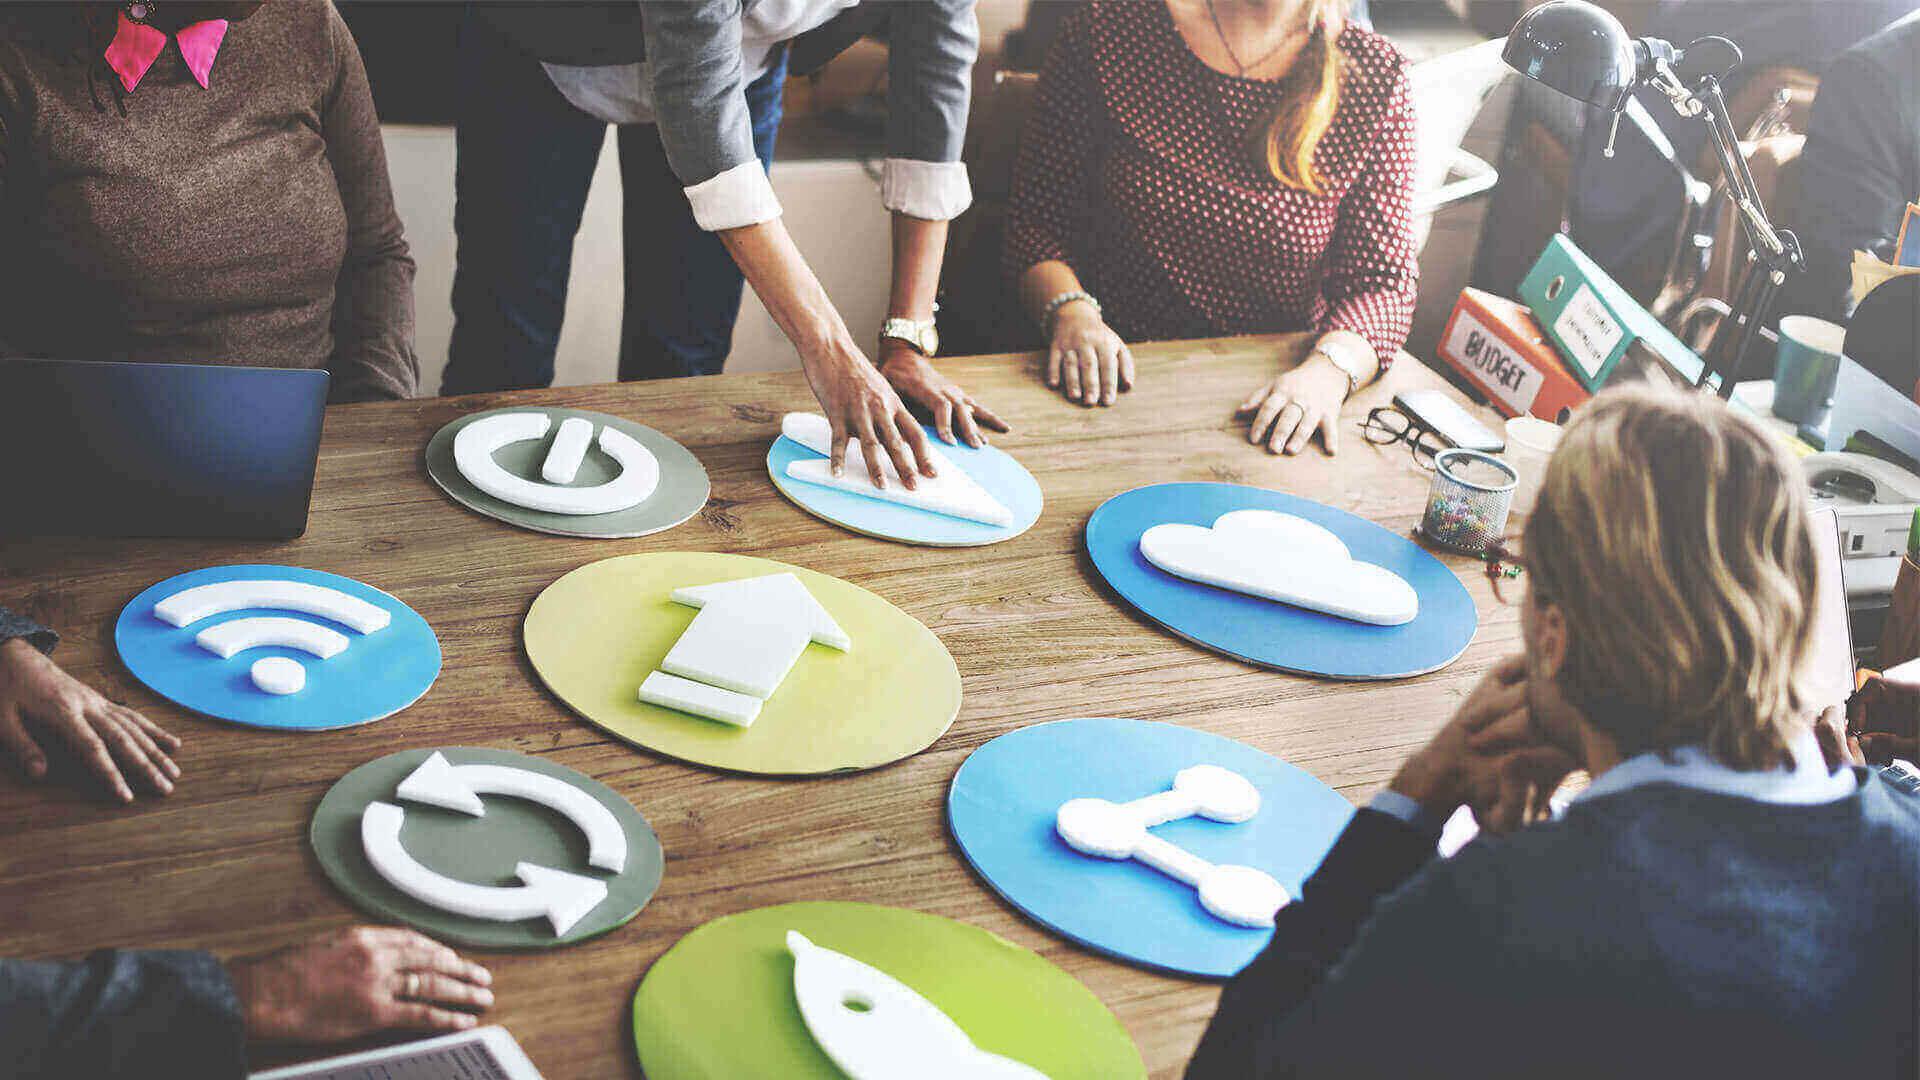 ¿Cómo agregar el marketing orgánico a su estrategia?